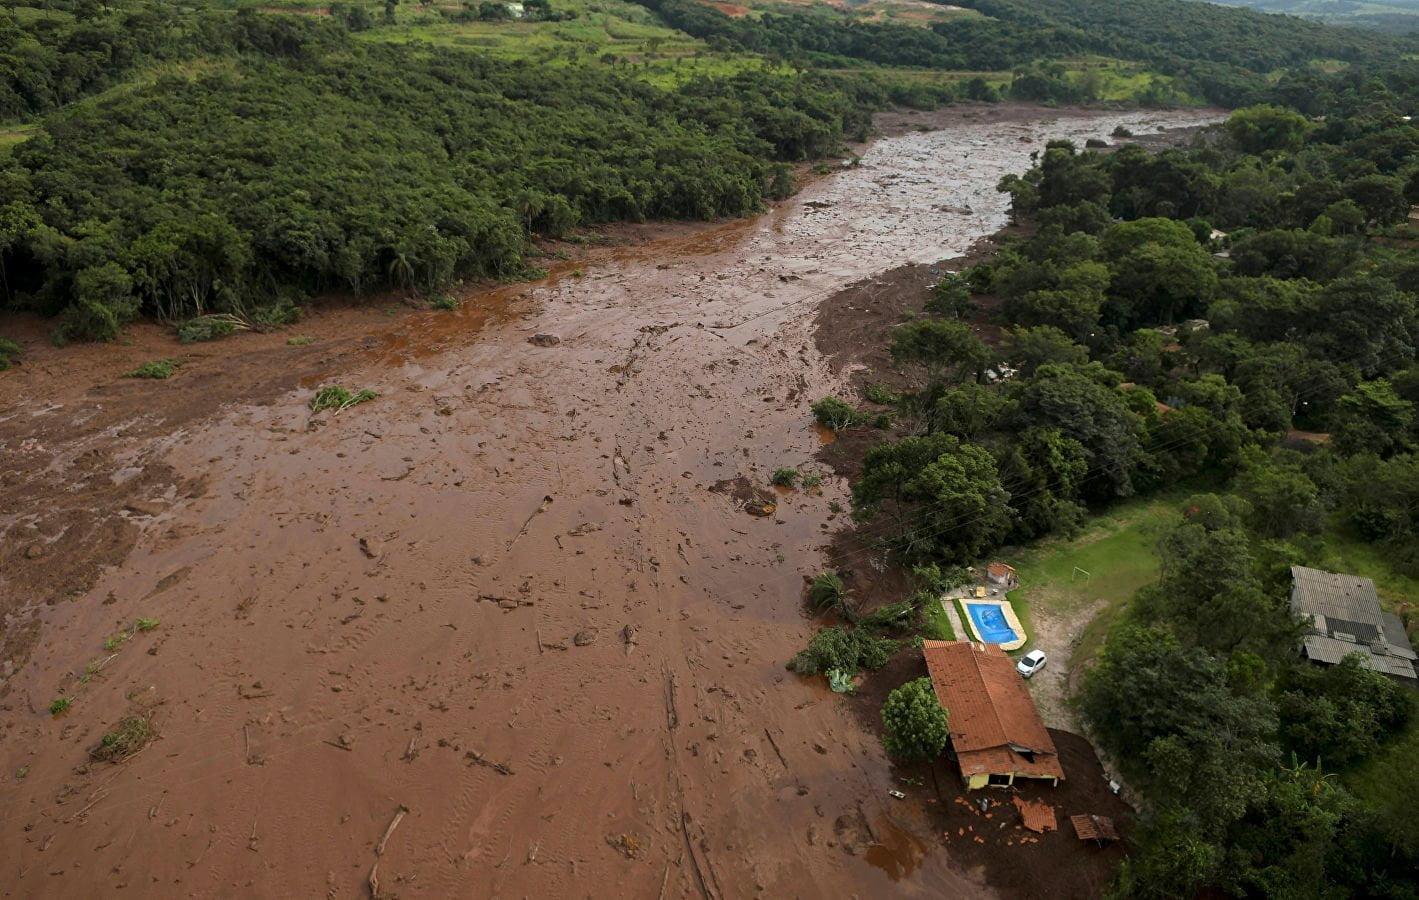 Բրազիլիայում ամբարտակի ճեղքման հետևանքով զոհվել է 40 մարդ